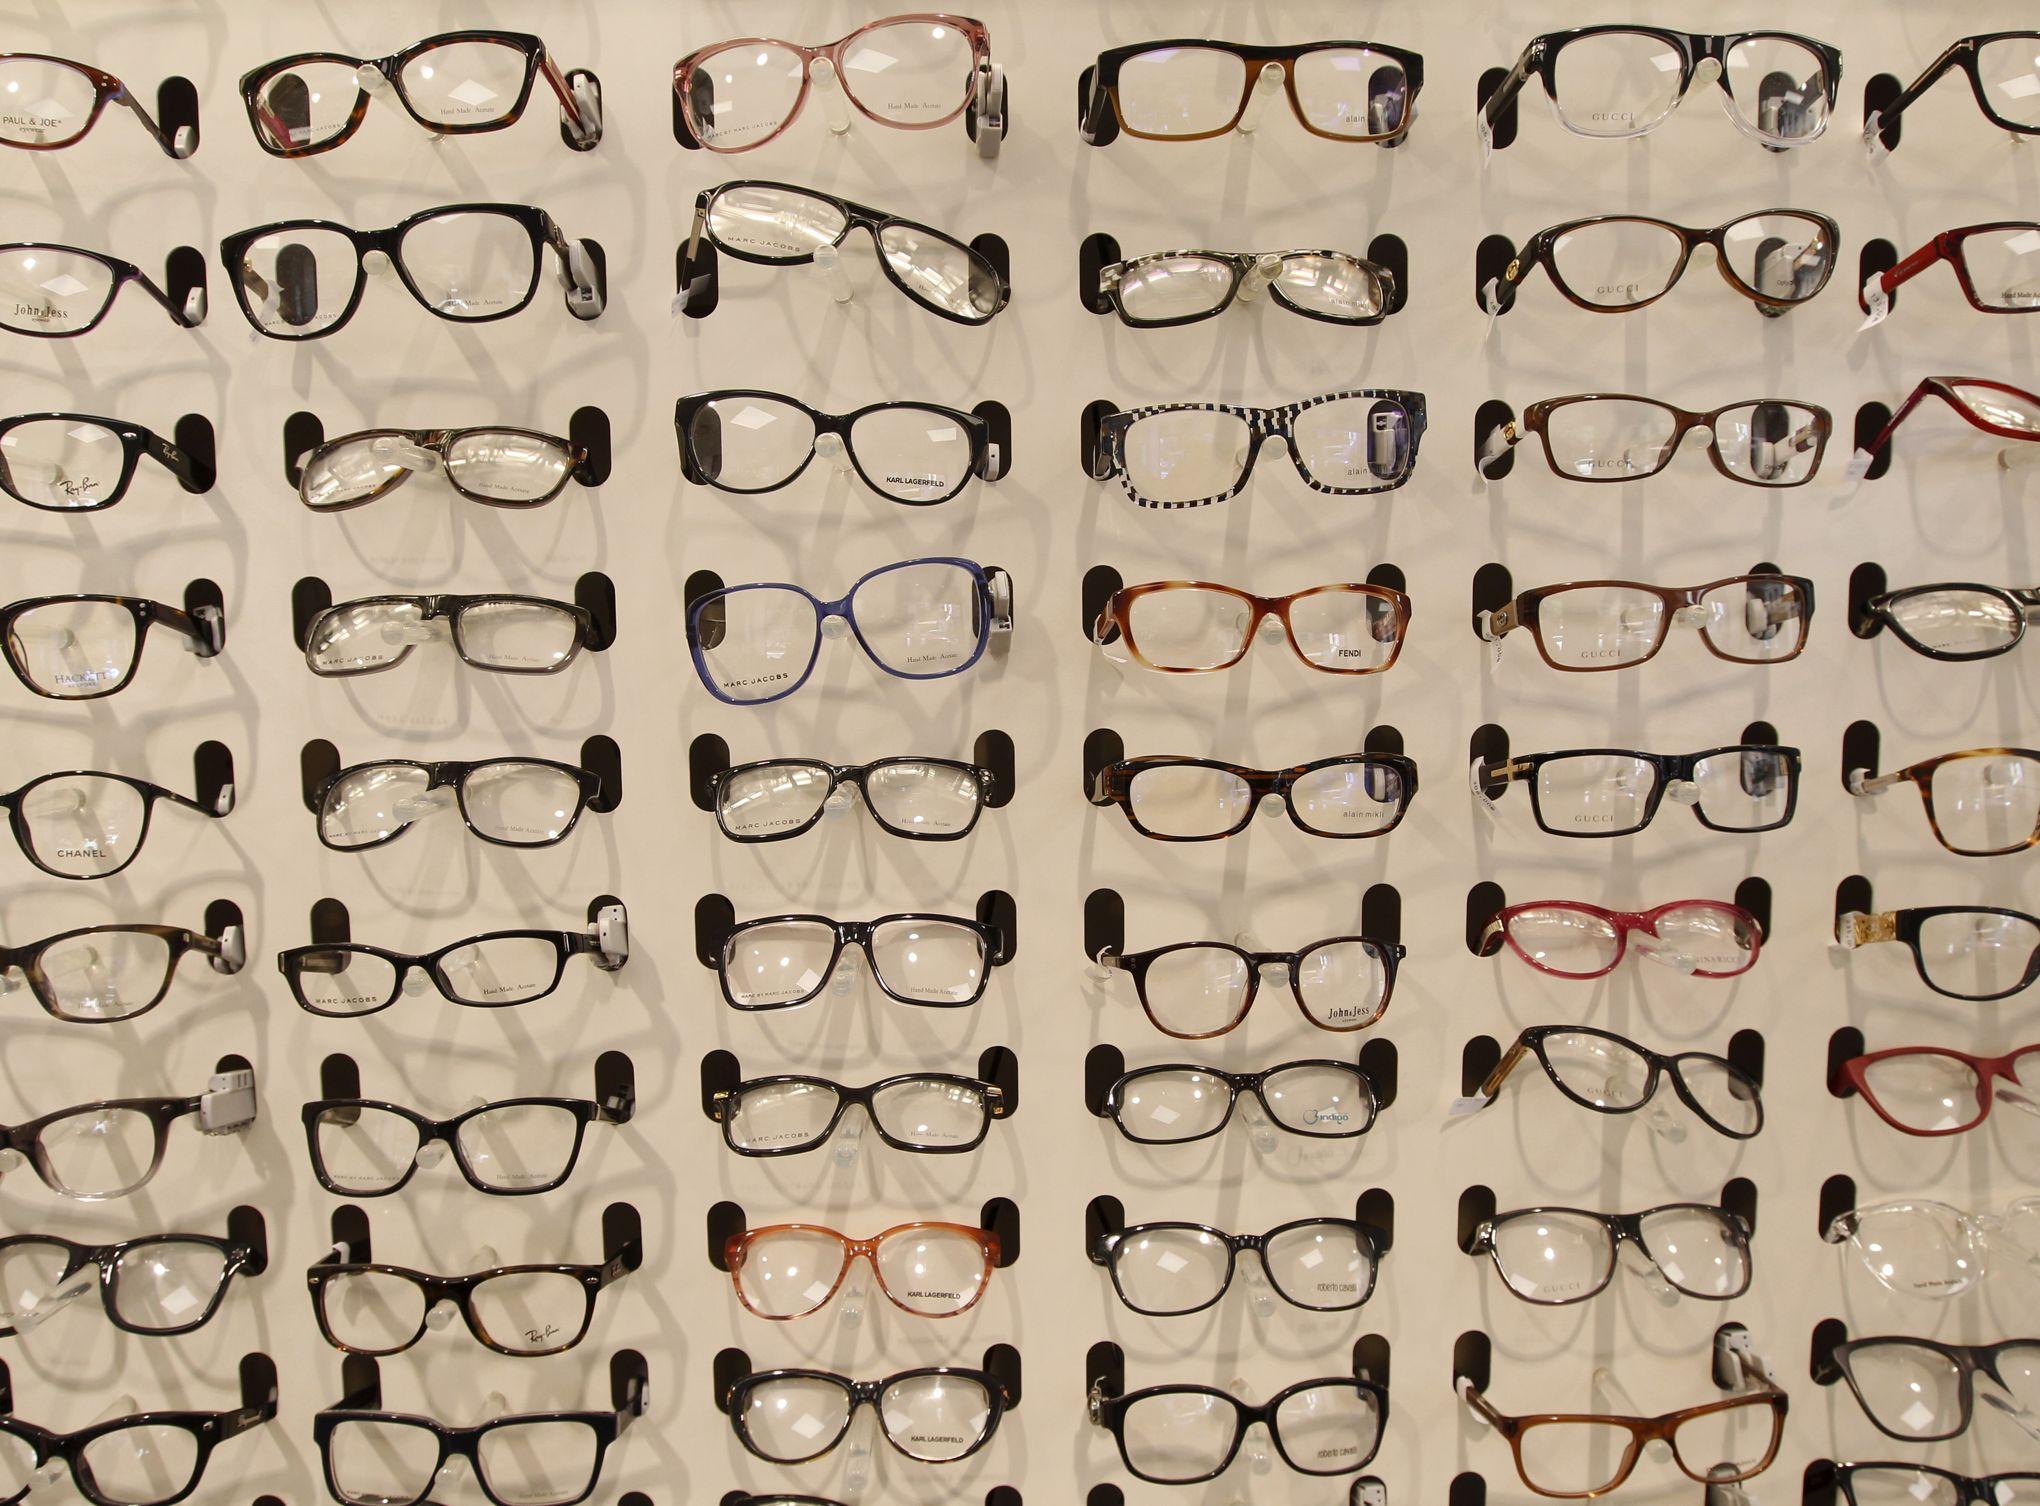 Le remboursement intégral des lunettes est «envisageable», selon les  opticiens a337b0bc3368